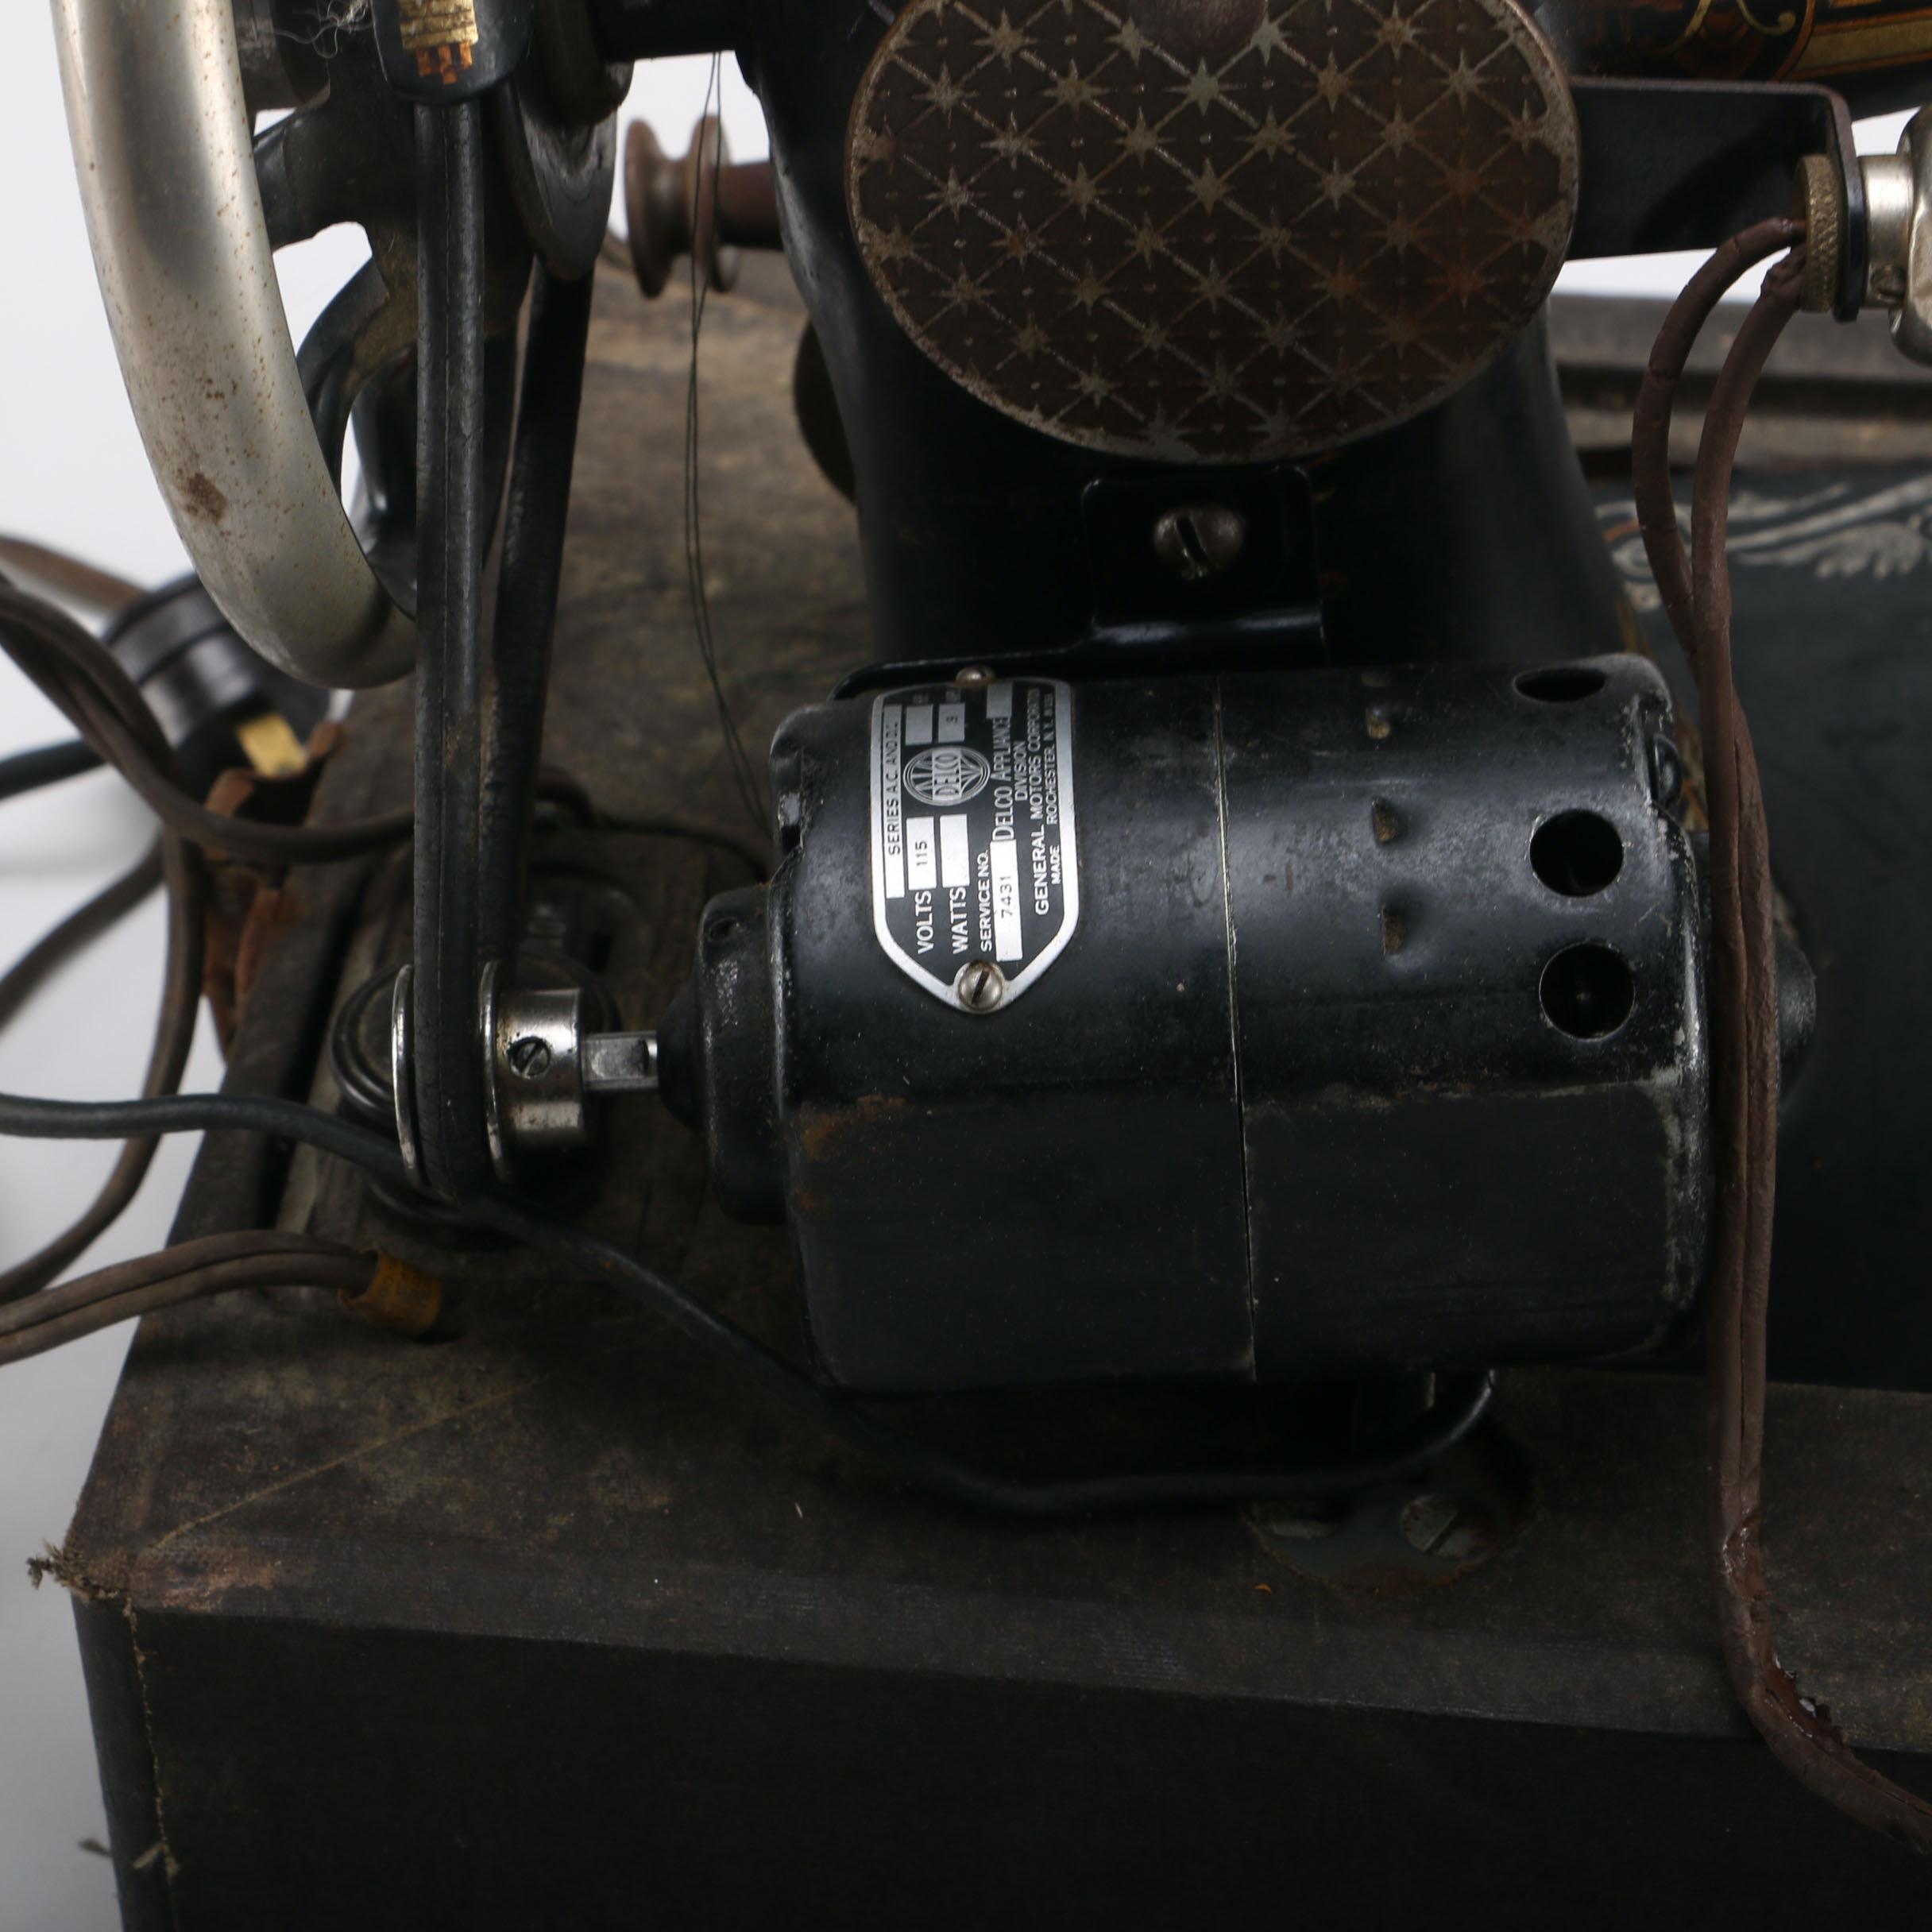 singer metal sewing machine